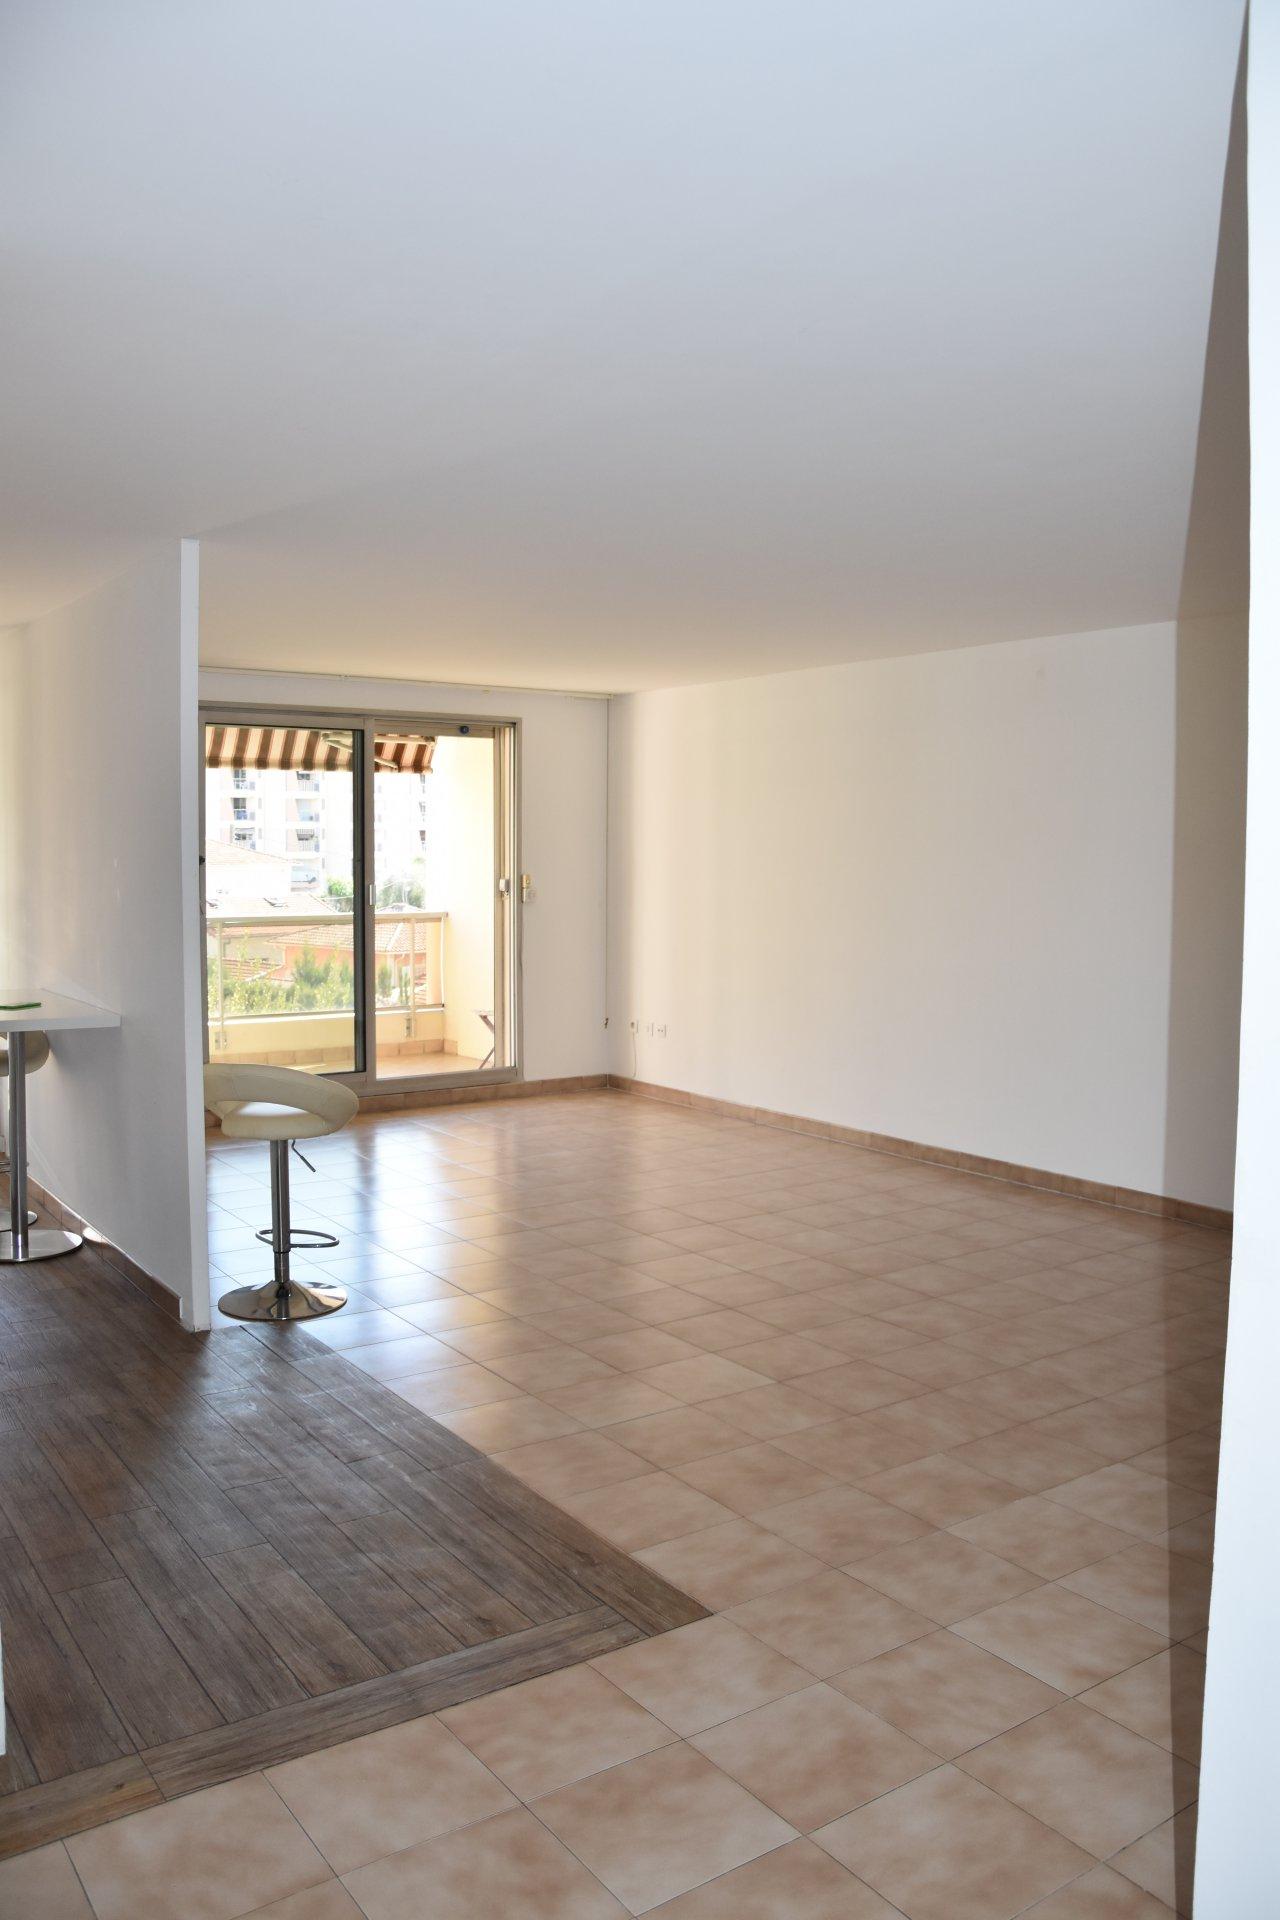 Cagnes sur Mer (06800) - Appartement 3 pièces - 72 m²